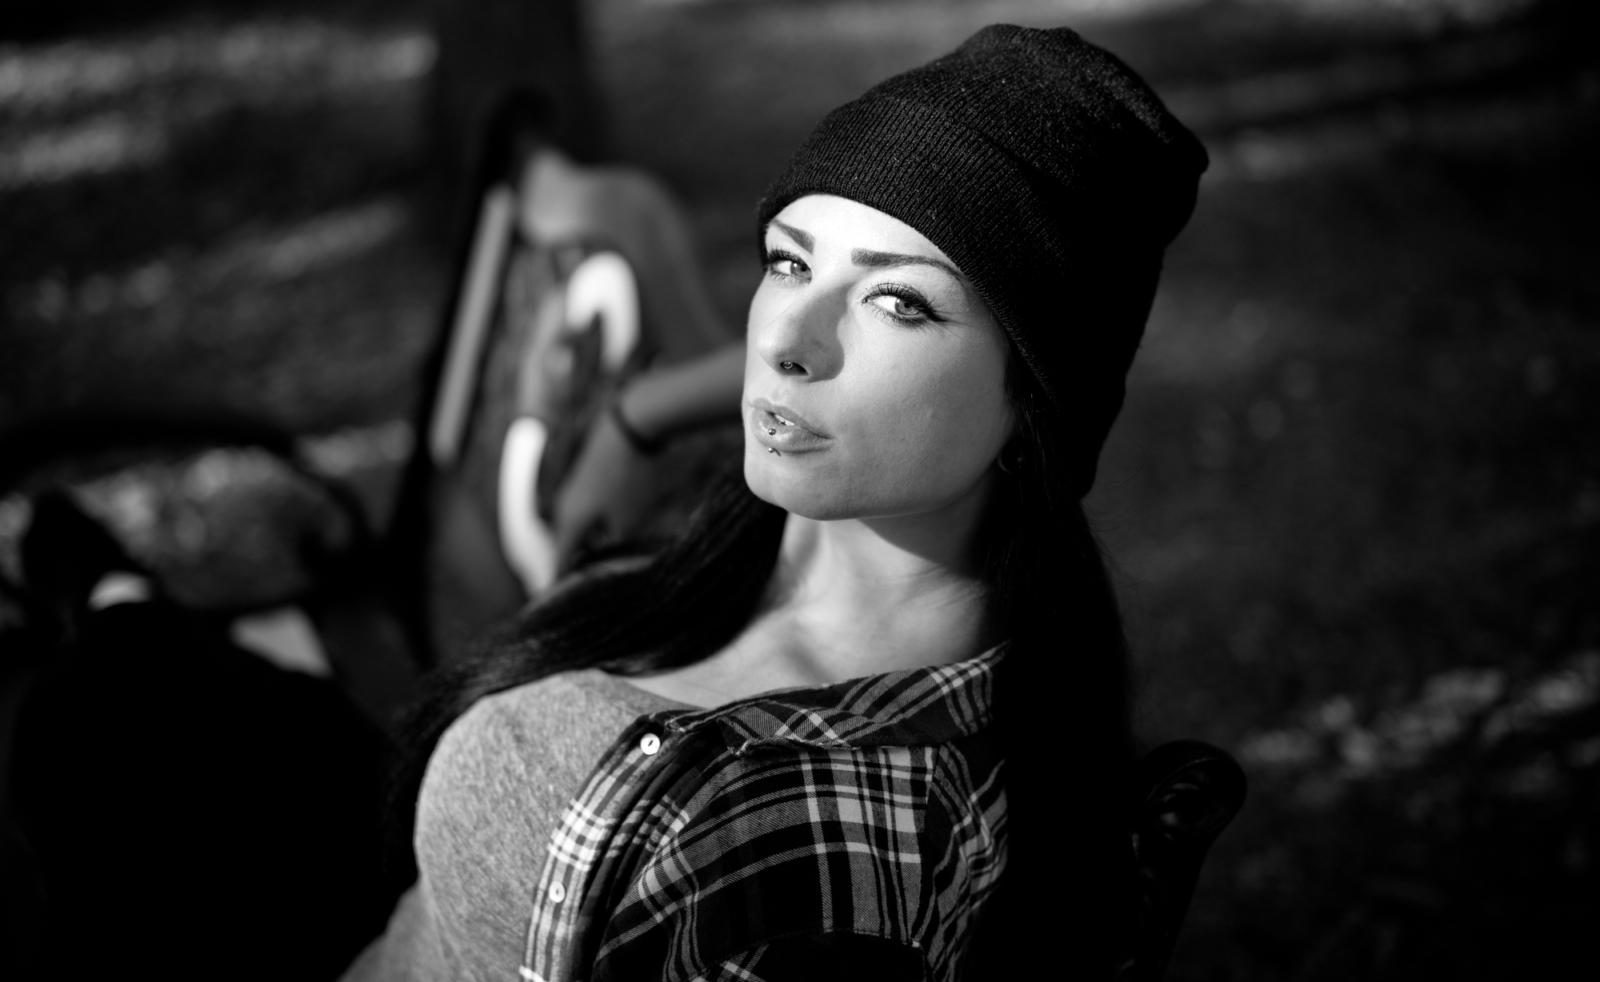 Porträt einer Frau auf der Bank in schwarz weiss